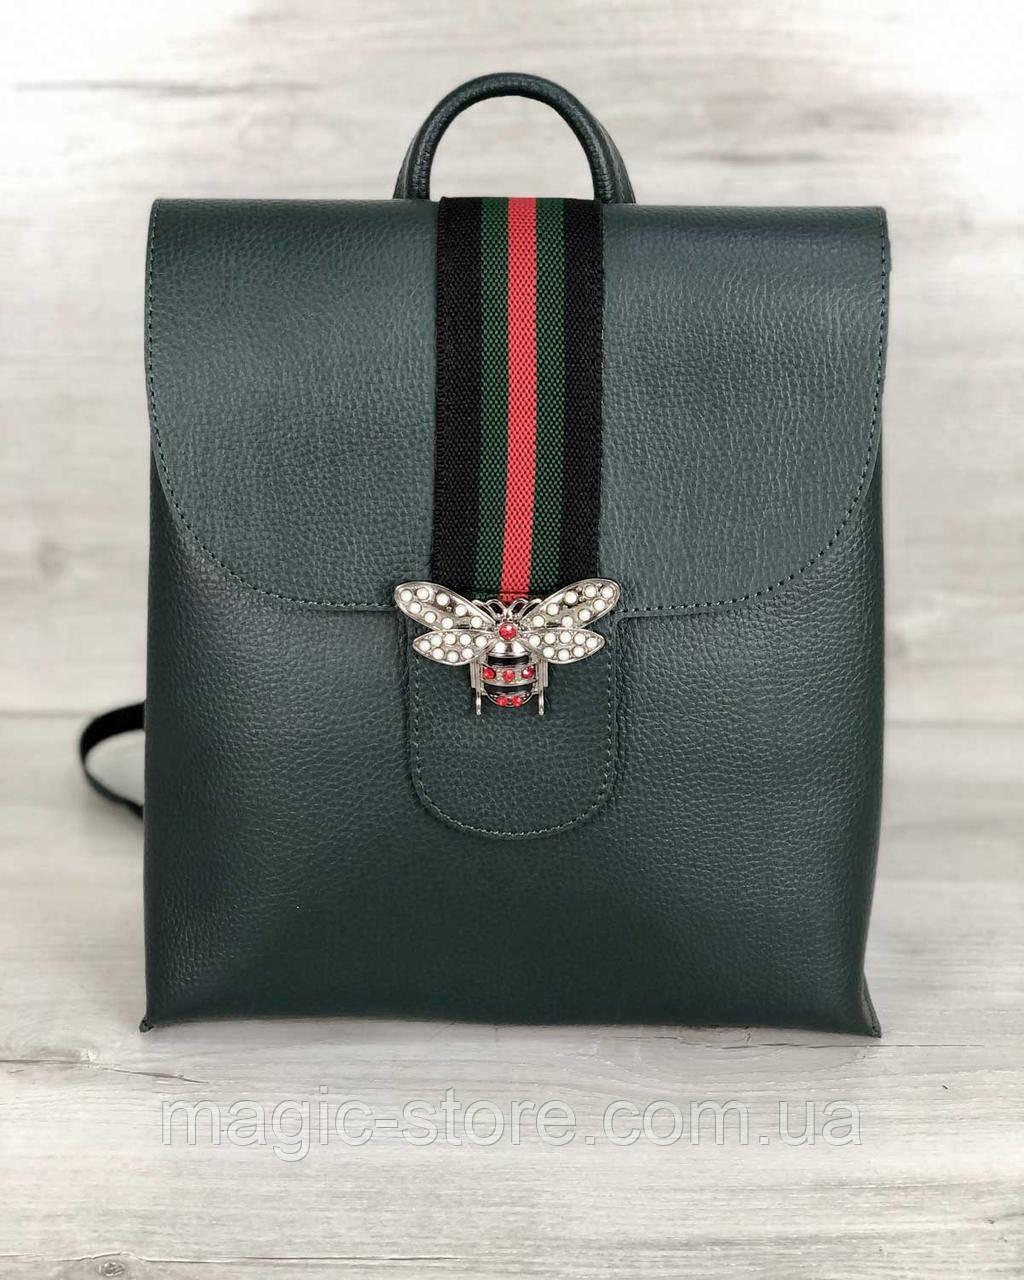 Рюкзак жіночий сумка Барб зеленого кольору (нікель)